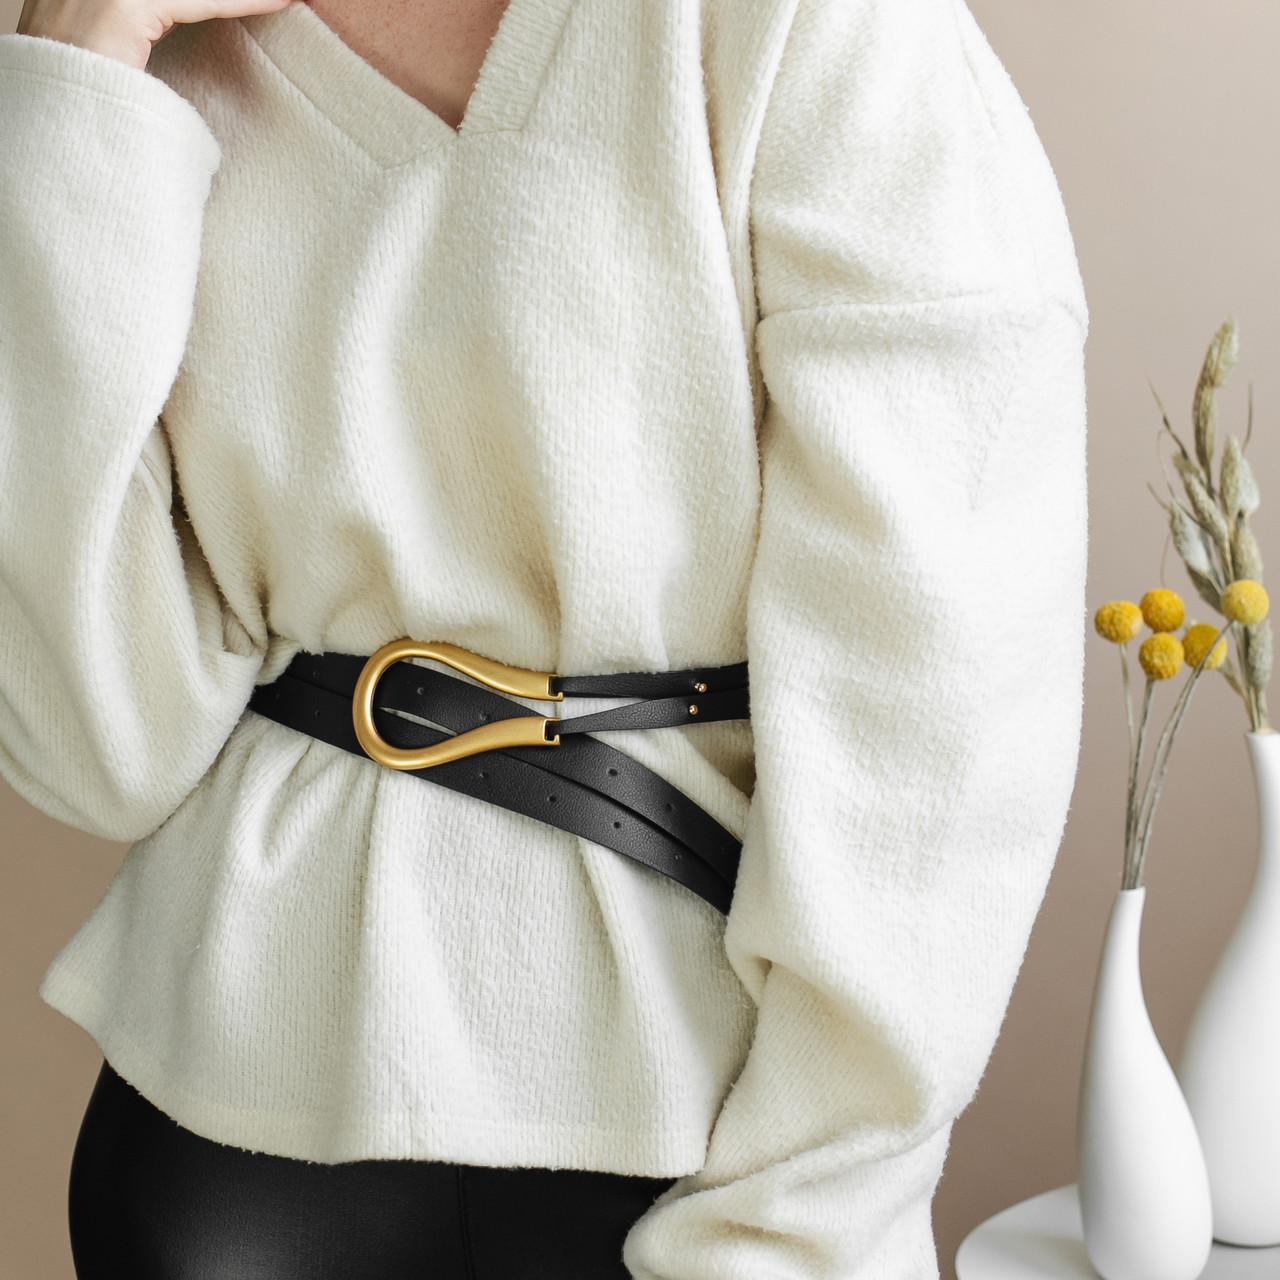 Ремень кожаный женский  мини золотая пряжка подкова c двойным ремешком